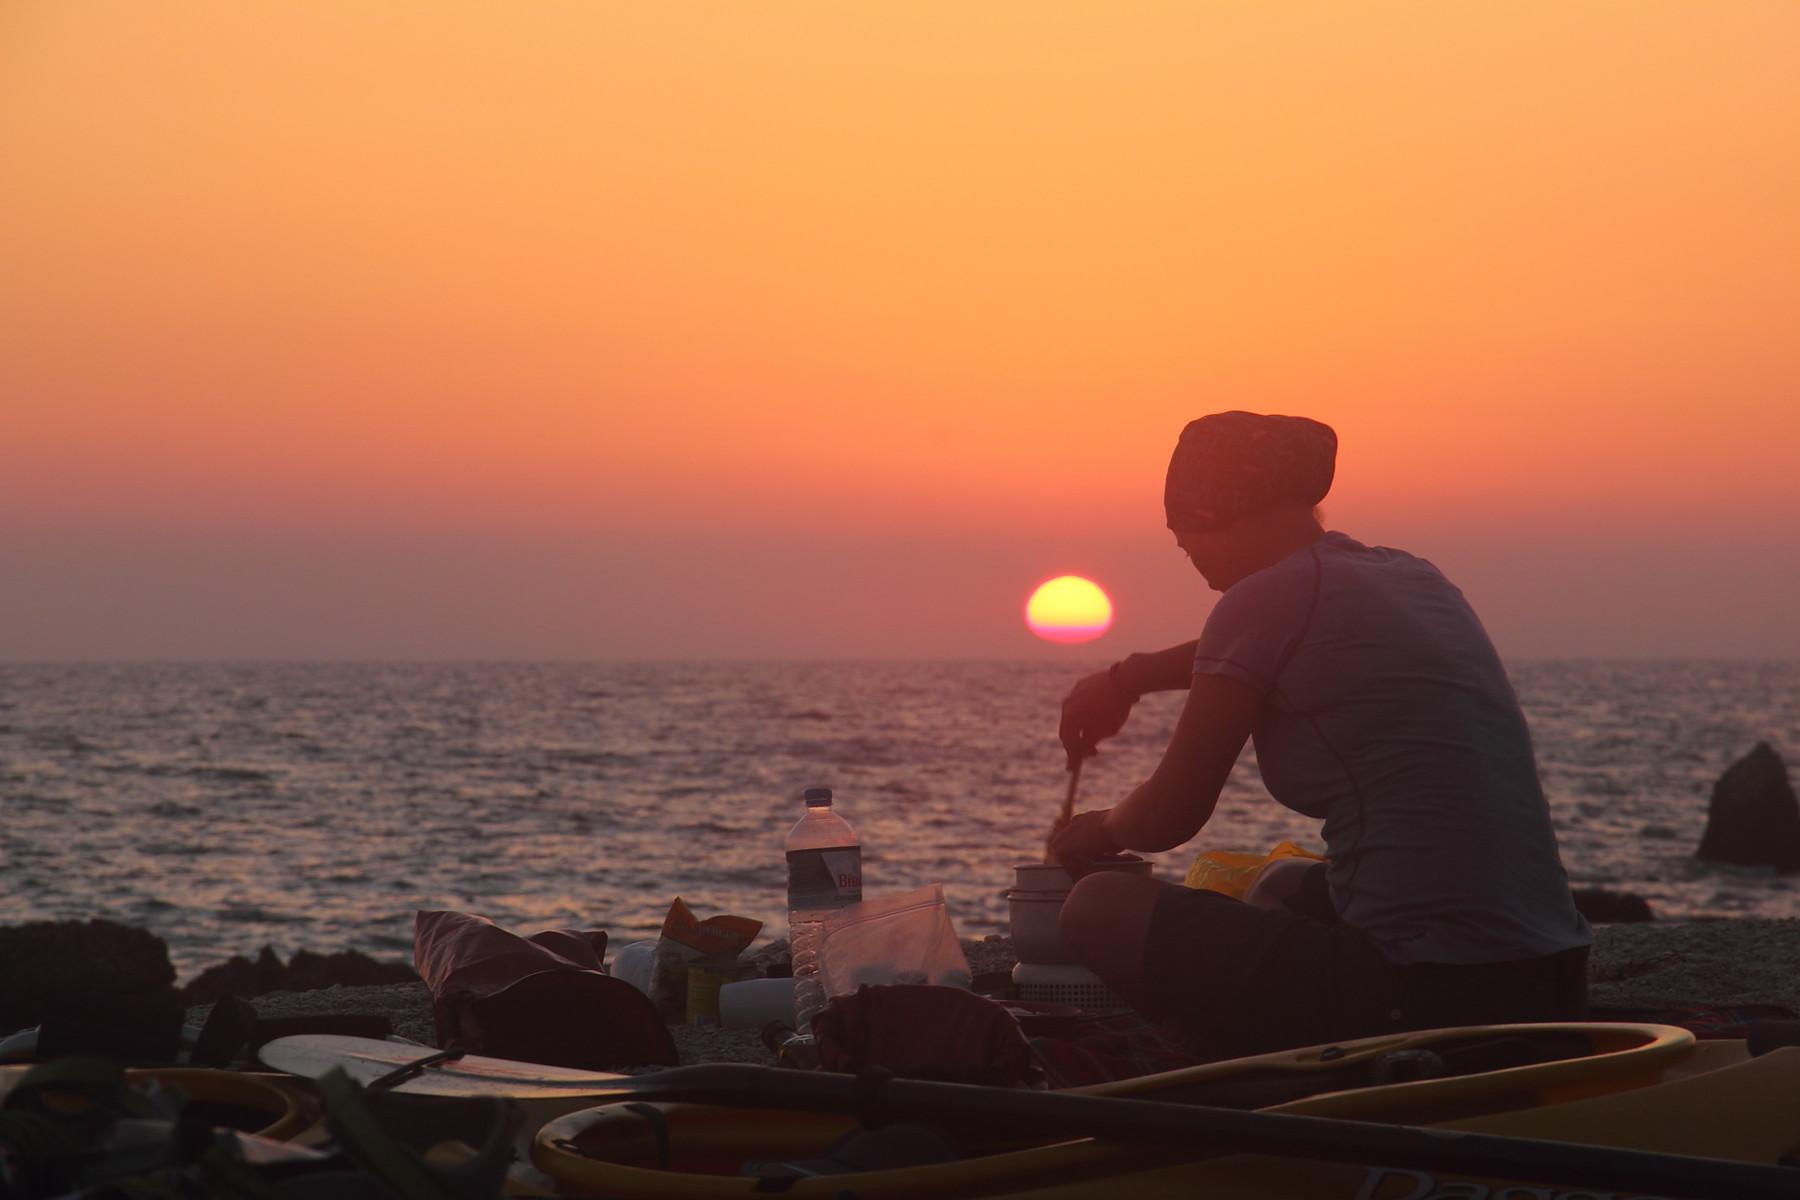 Camping am Strand - bei Sonnenuntergang wird gekocht!